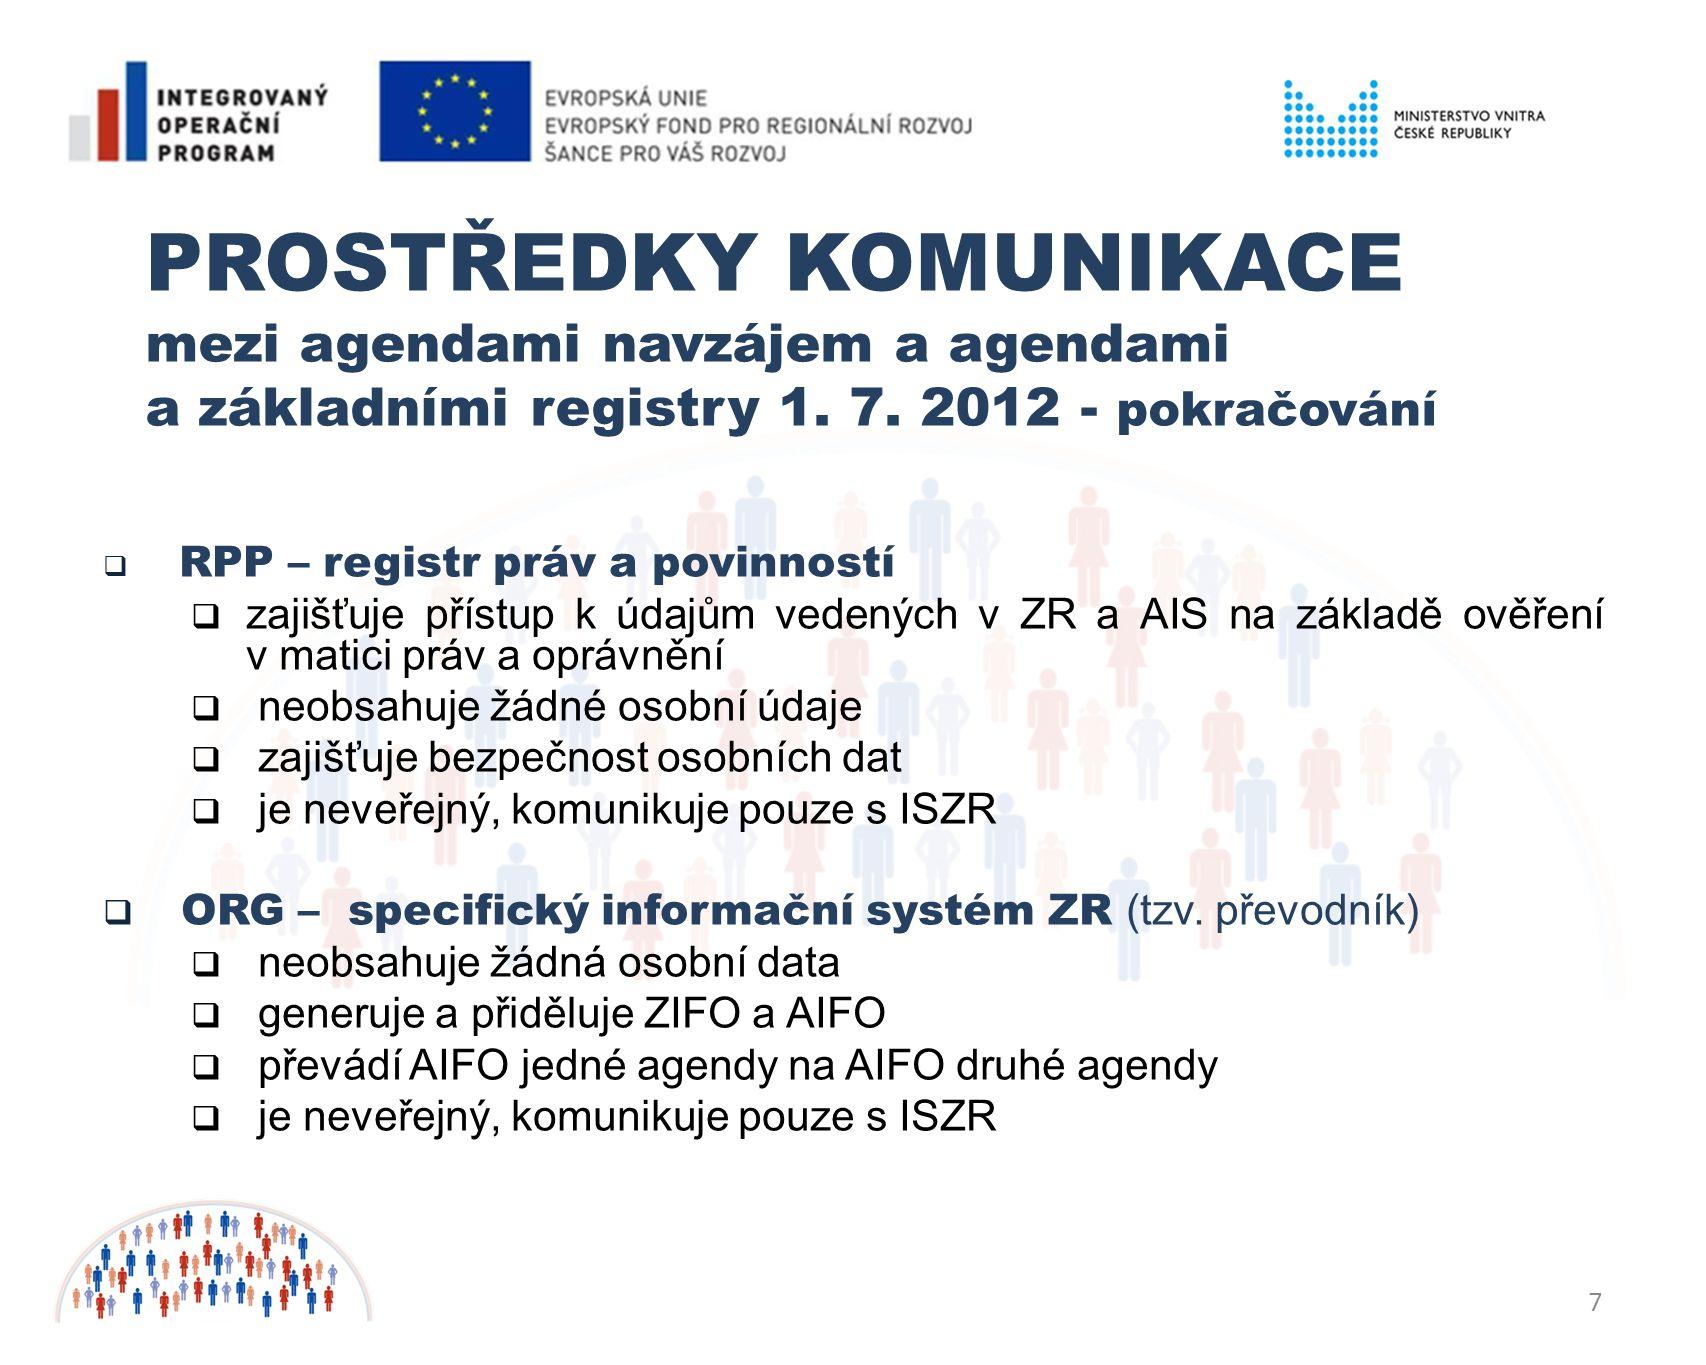 PROSTŘEDKY KOMUNIKACE mezi agendami navzájem a agendami a základními registry 1. 7. 2012 - pokračování